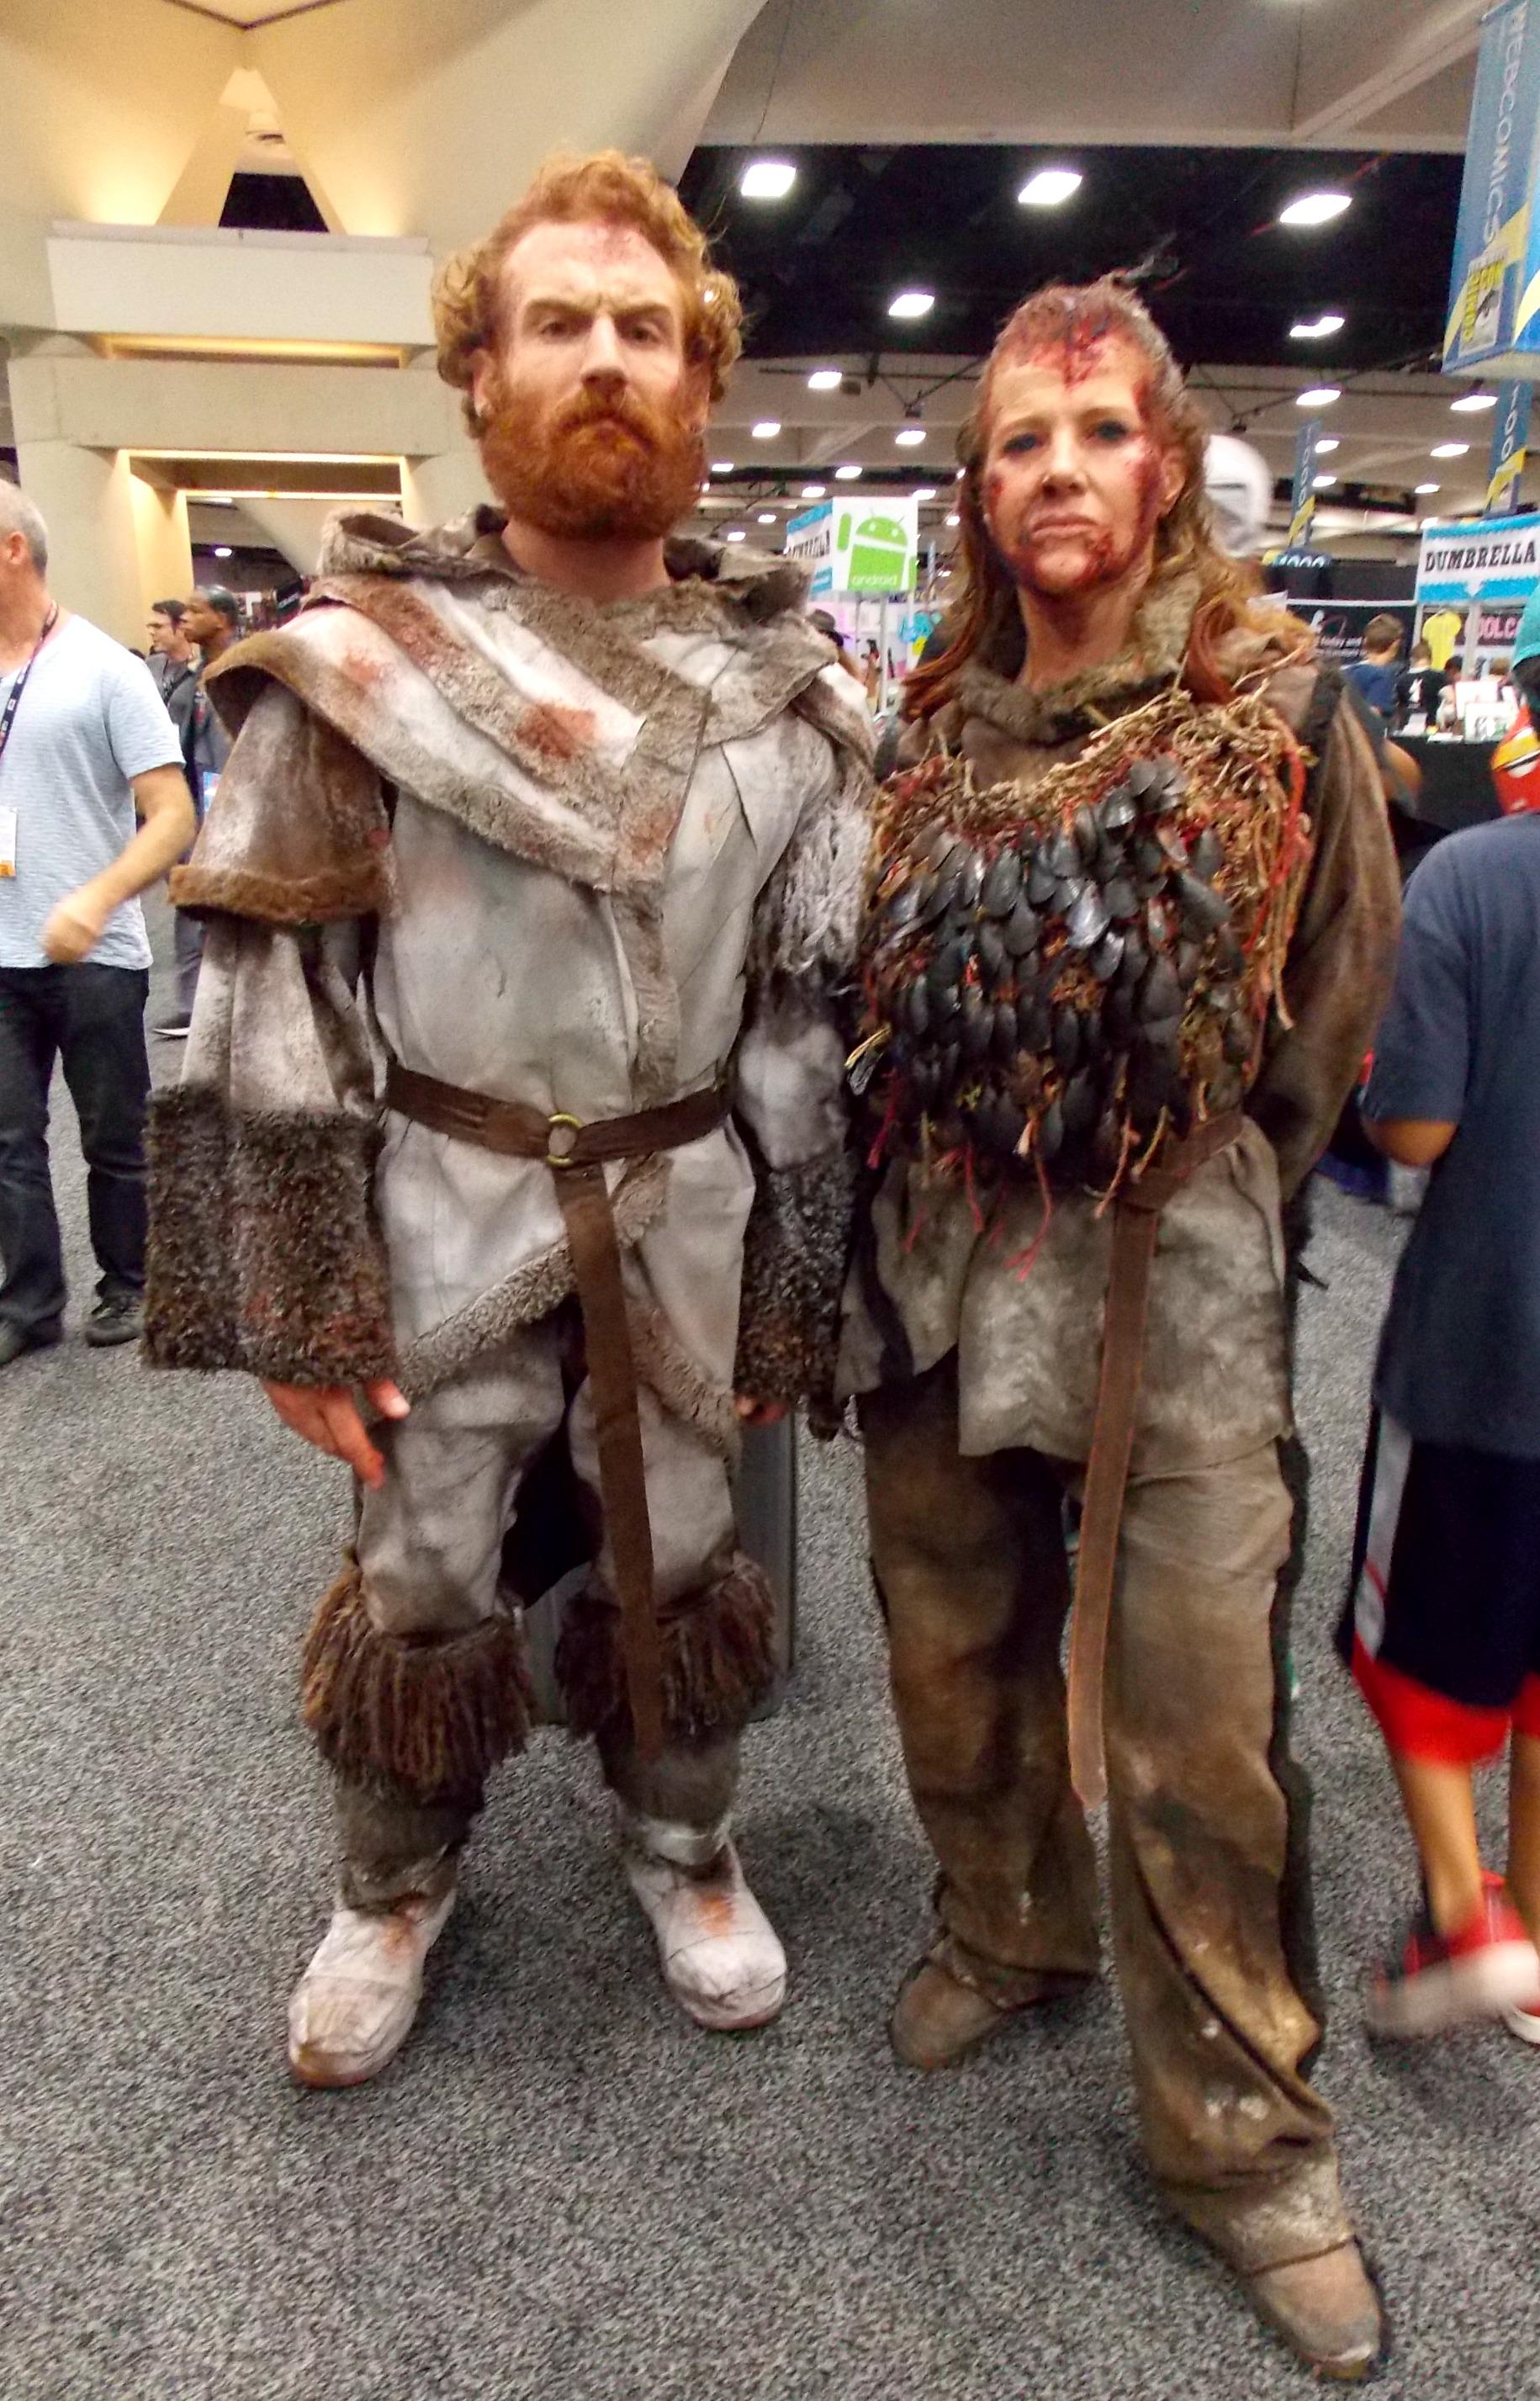 Tormund and Karsi